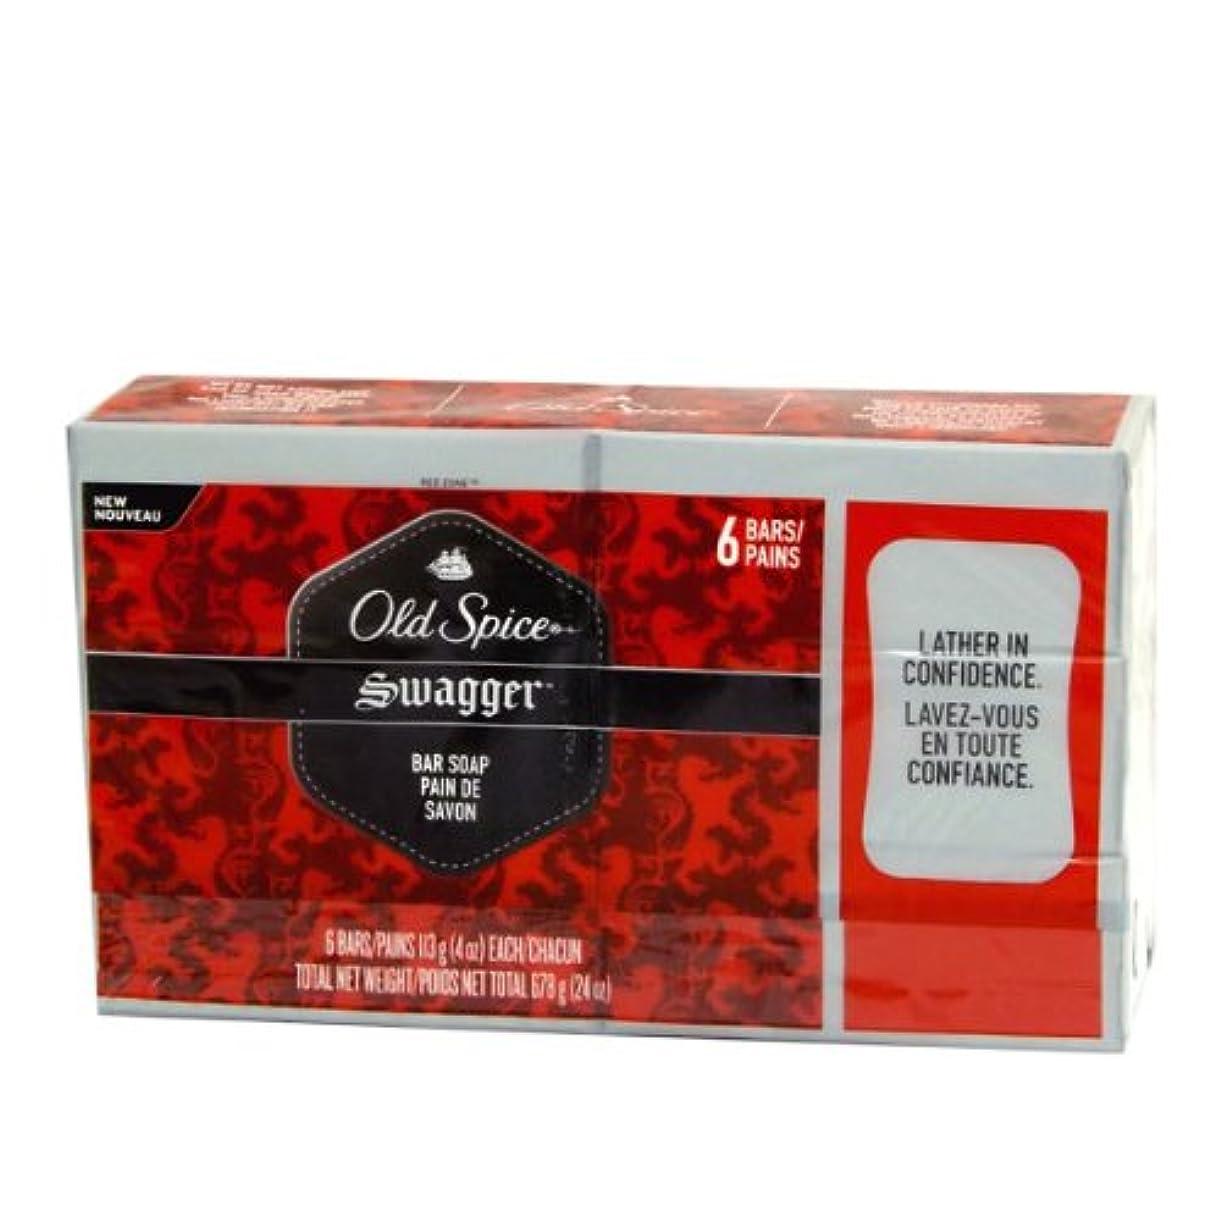 けがをする事実野望Old spice bar soap swagger オールドスパイス バーソープ スワガー (石鹸) 6個パック [並行輸入品]